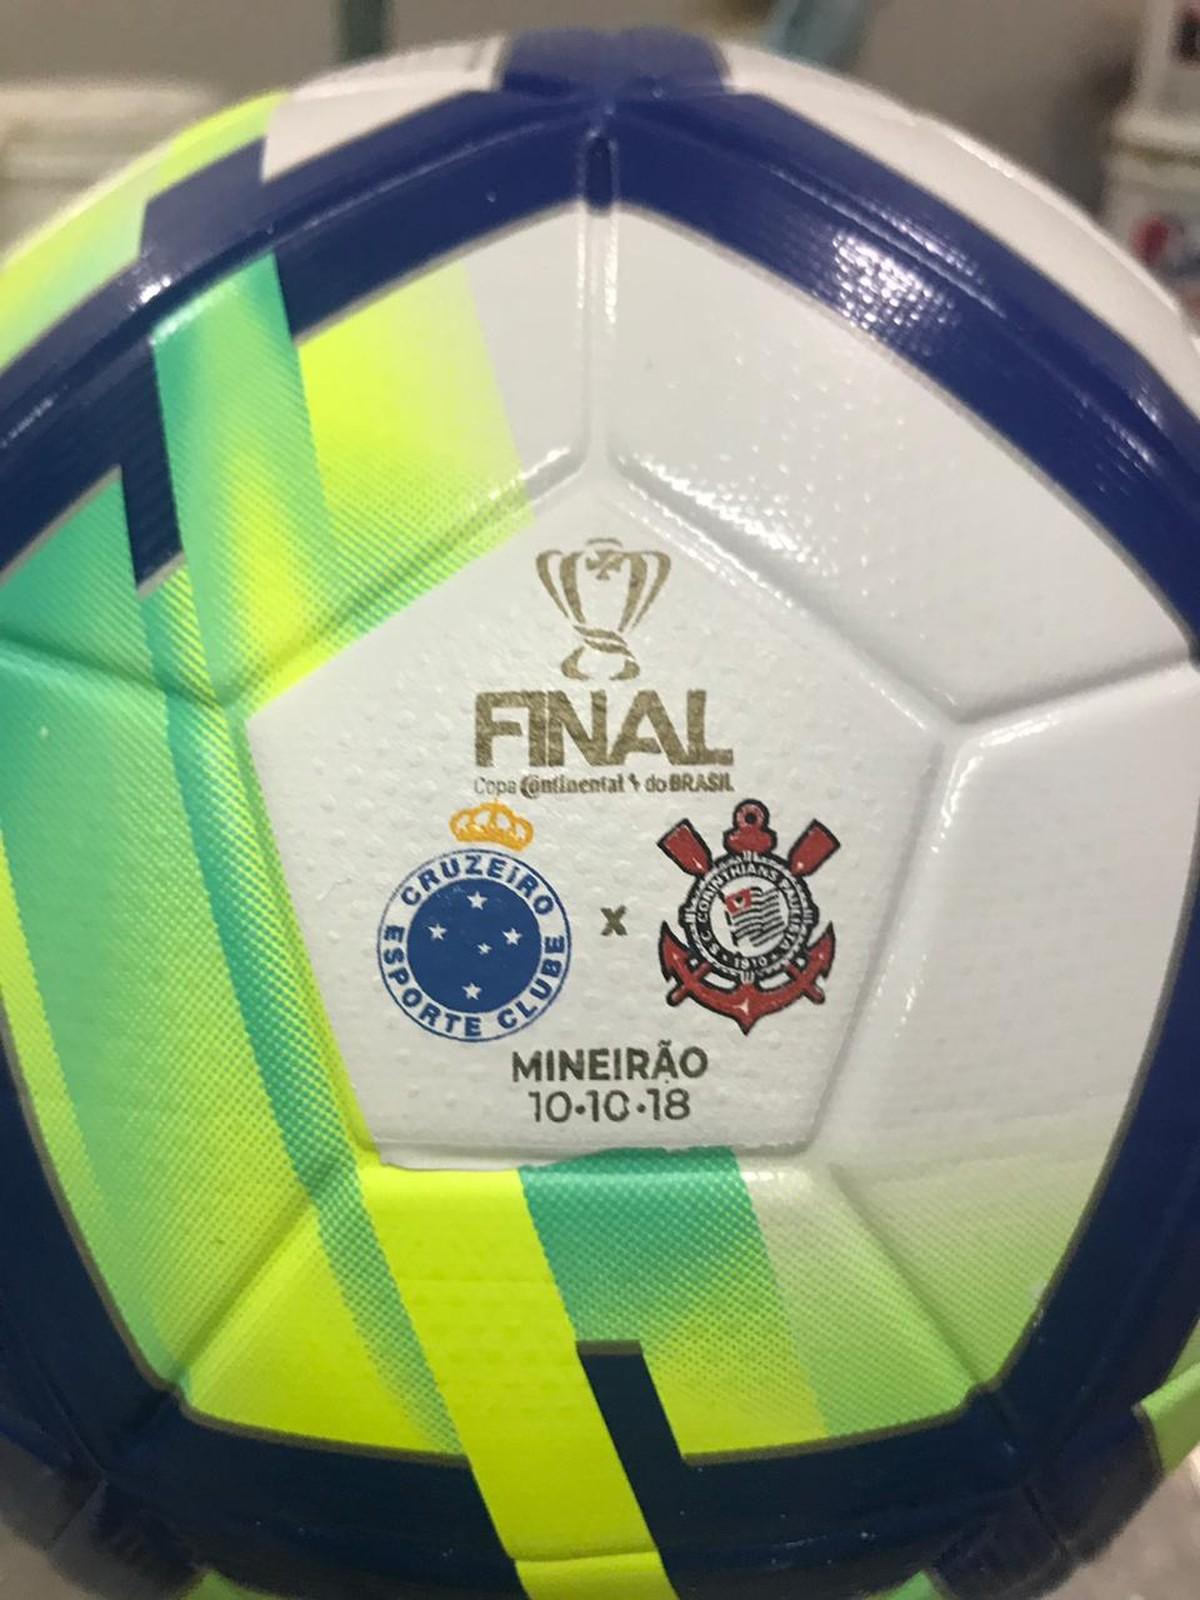 e79512b327a1a Veja imagens das camisas de Cruzeiro e Corinthians e a bola da final da Copa  do Brasil